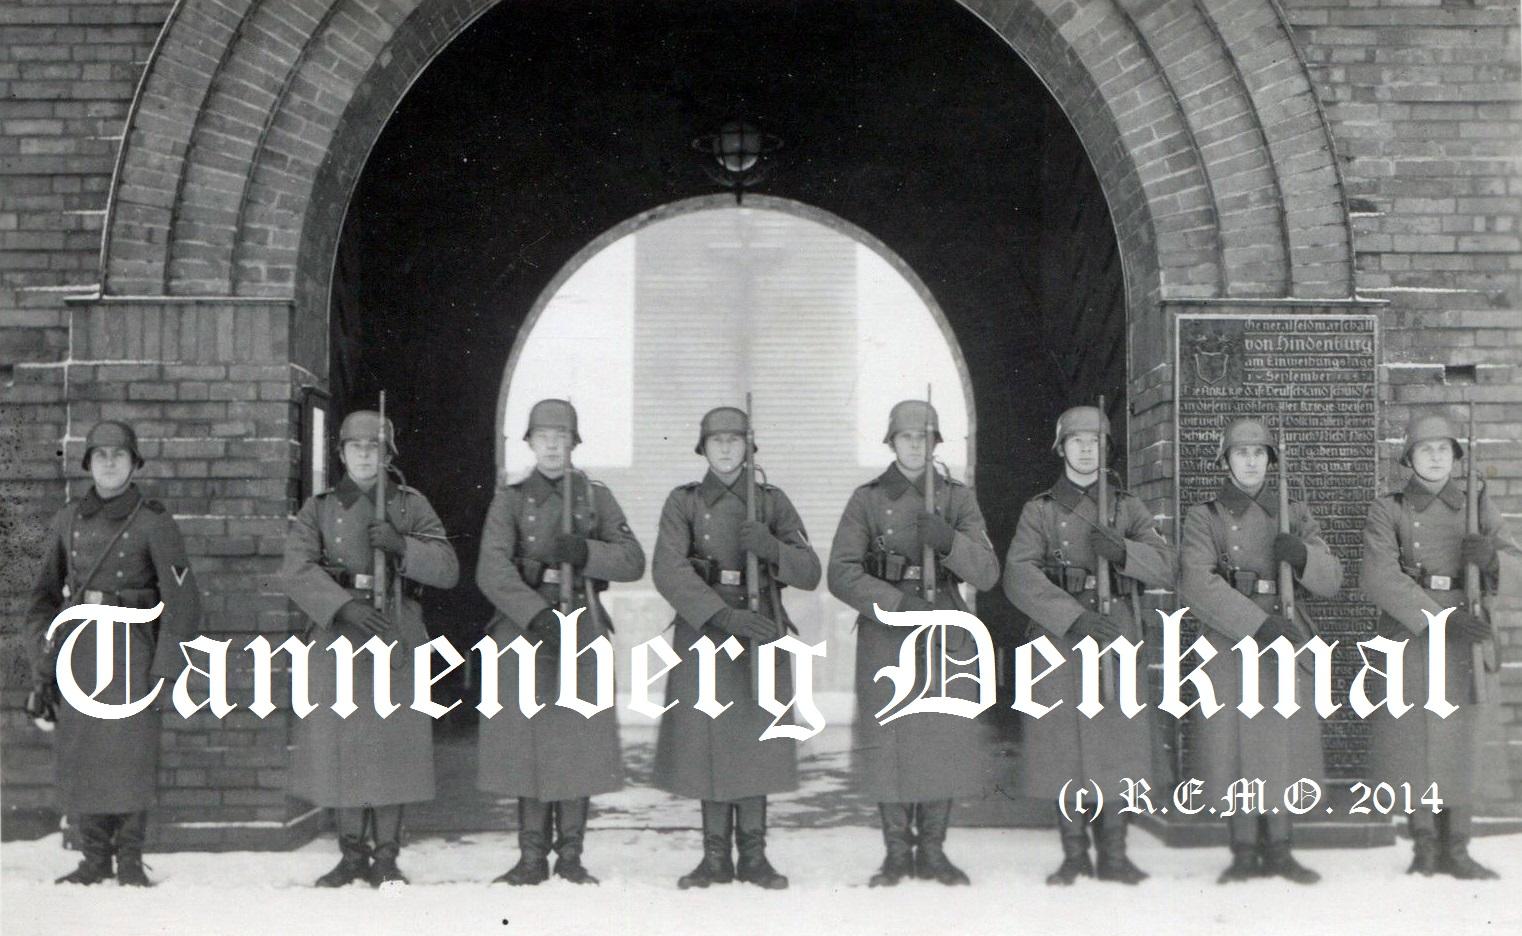 Herzlich Willkommen beim Tannenberg Denkmal!